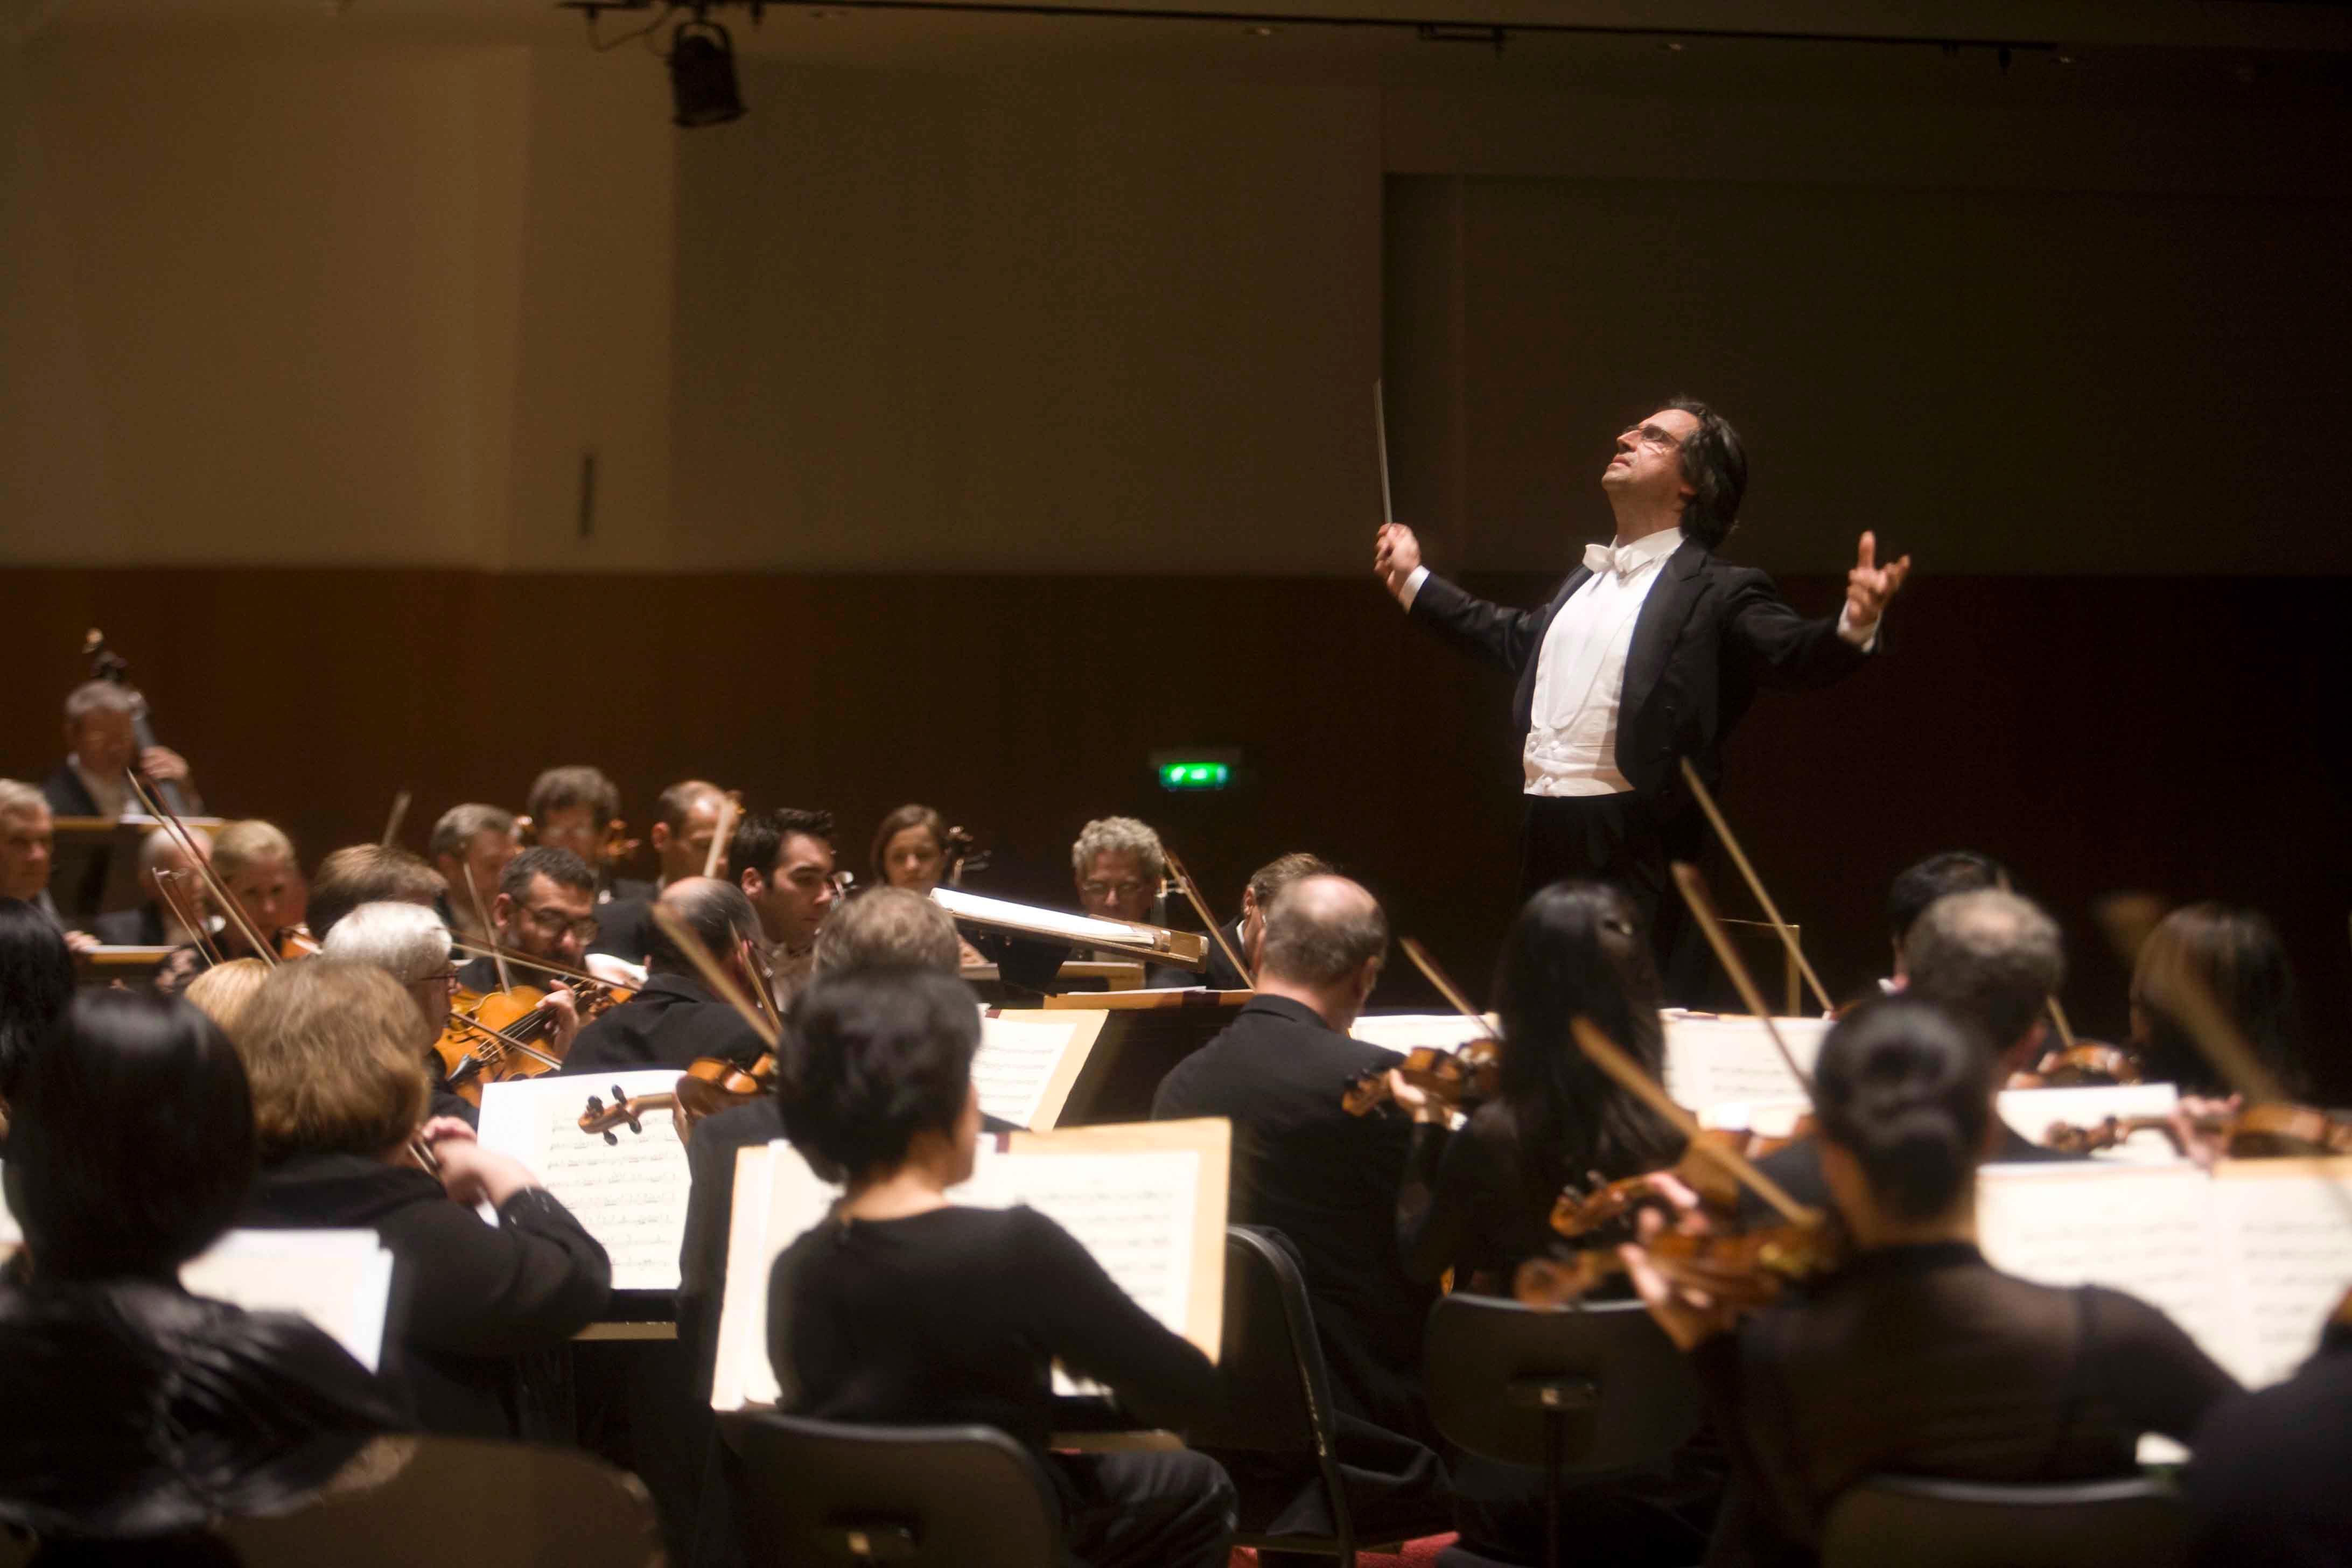 Anteprima straordinaria per Ravenna Festival 2012: Riccardo Muti e la Chicago Symphony Orchestra